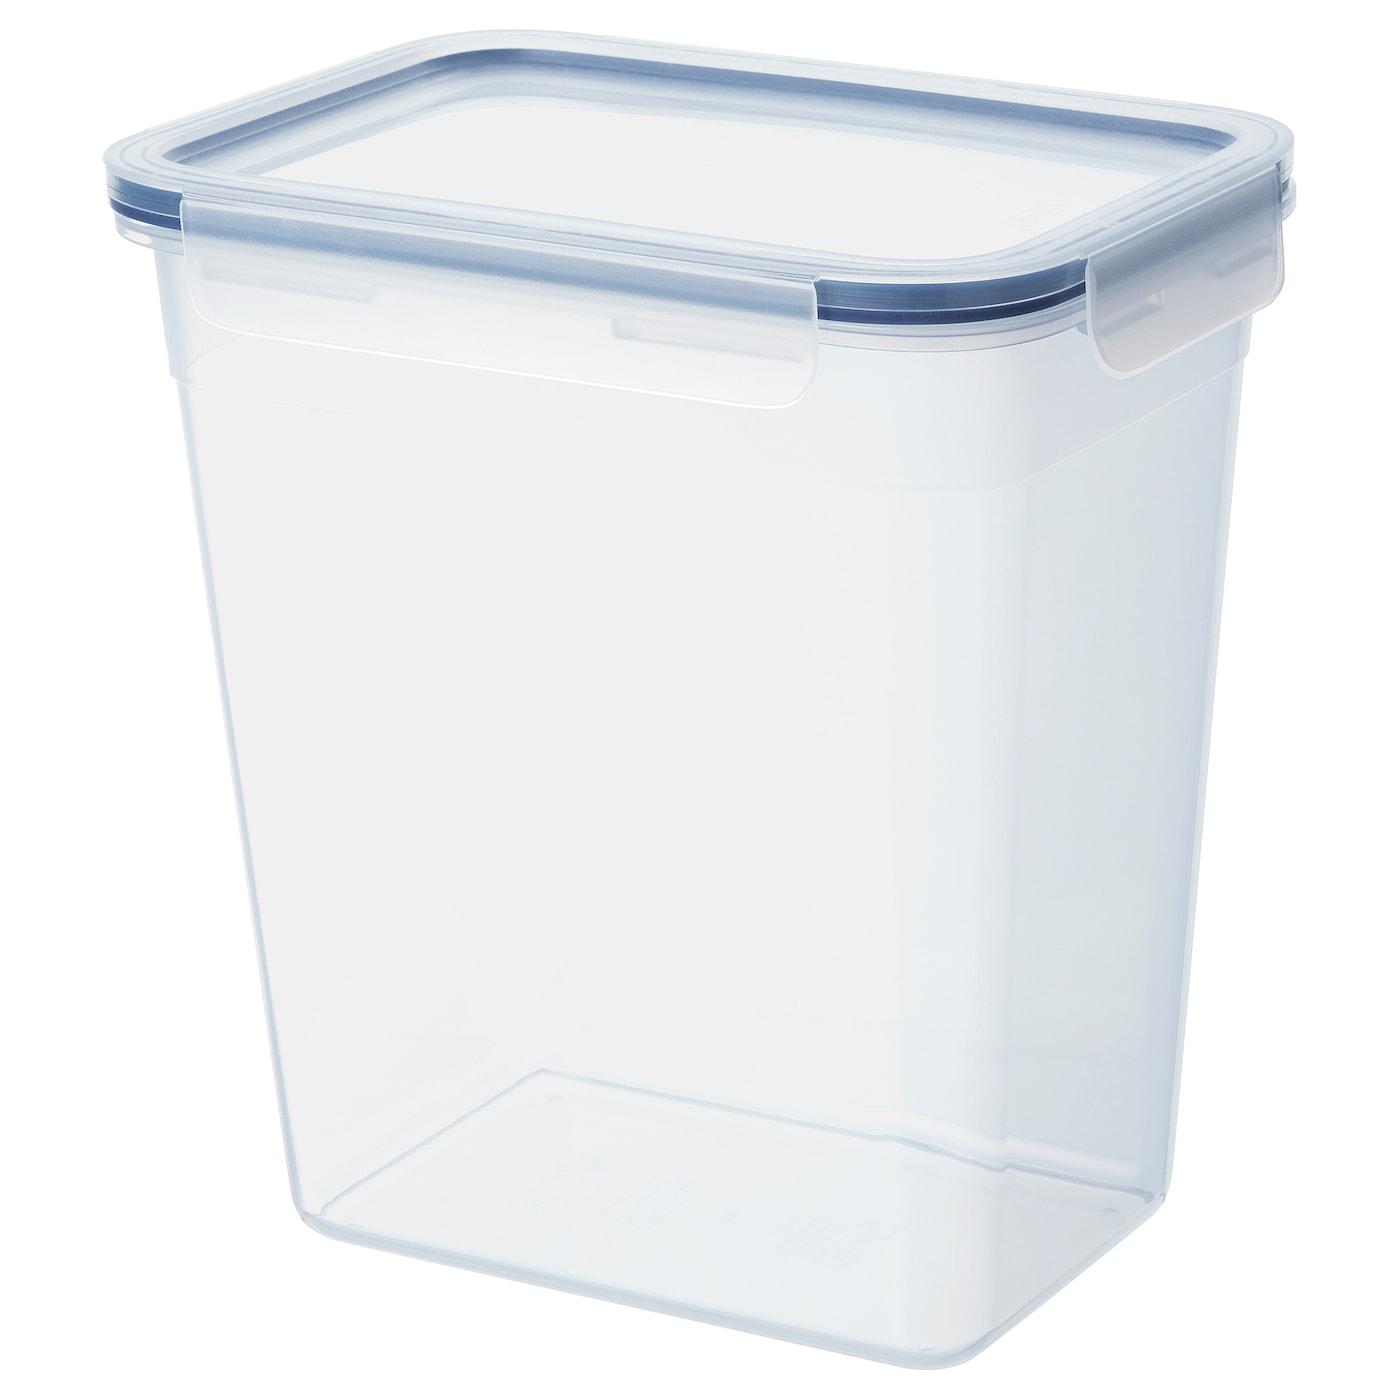 IKEA 365+ Vorratsbehälter mit Deckel - rechteckig - 4,2 l